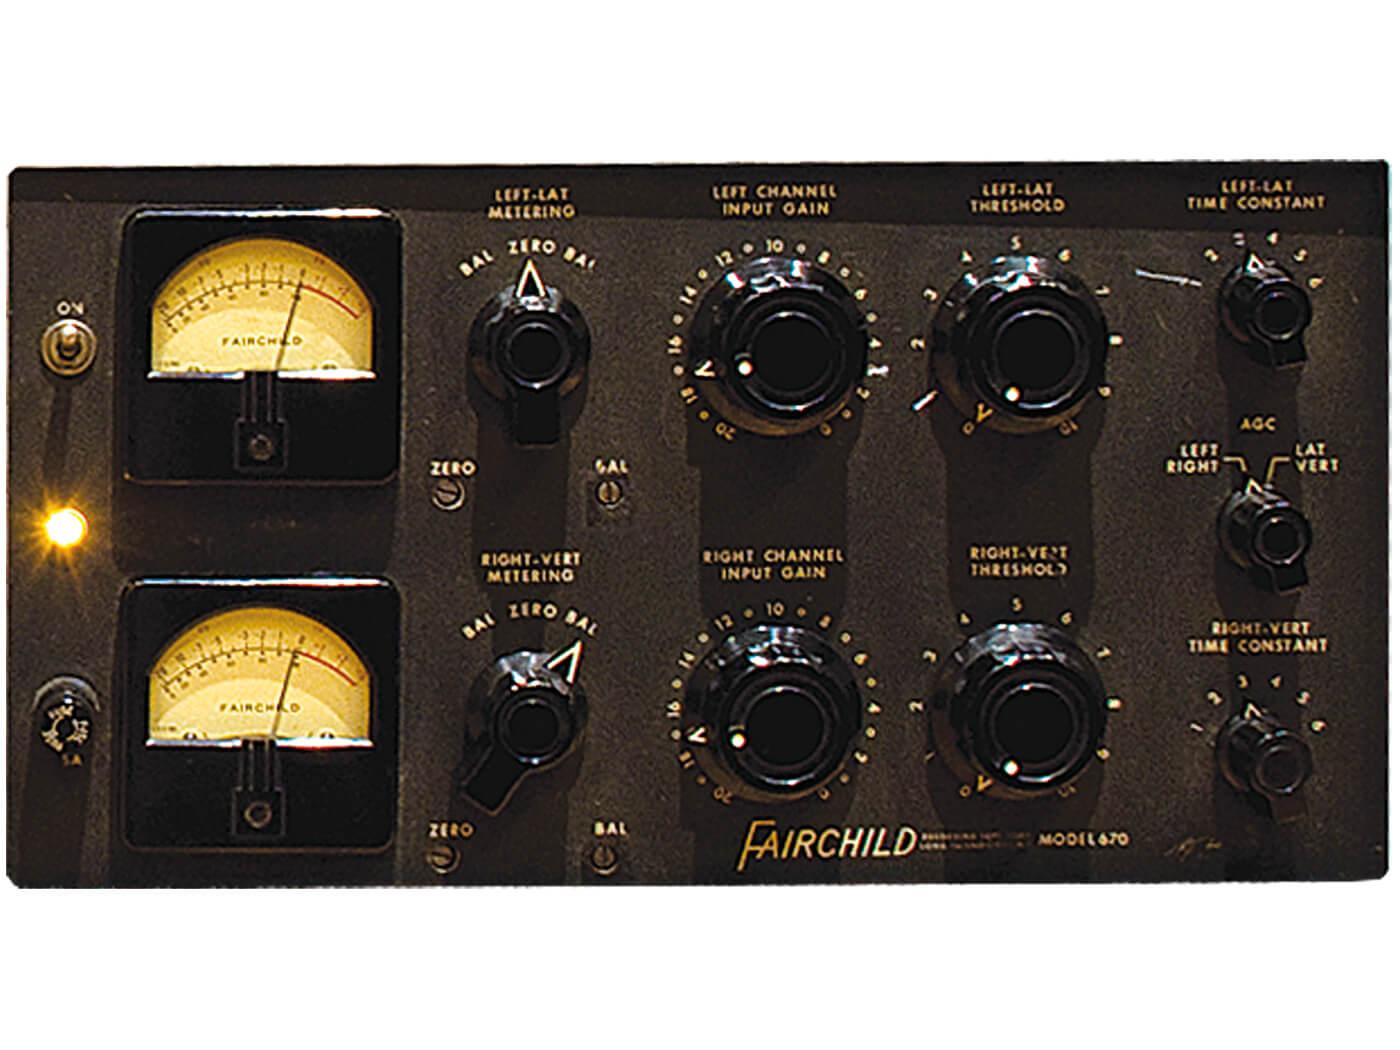 Fairchild 660/670